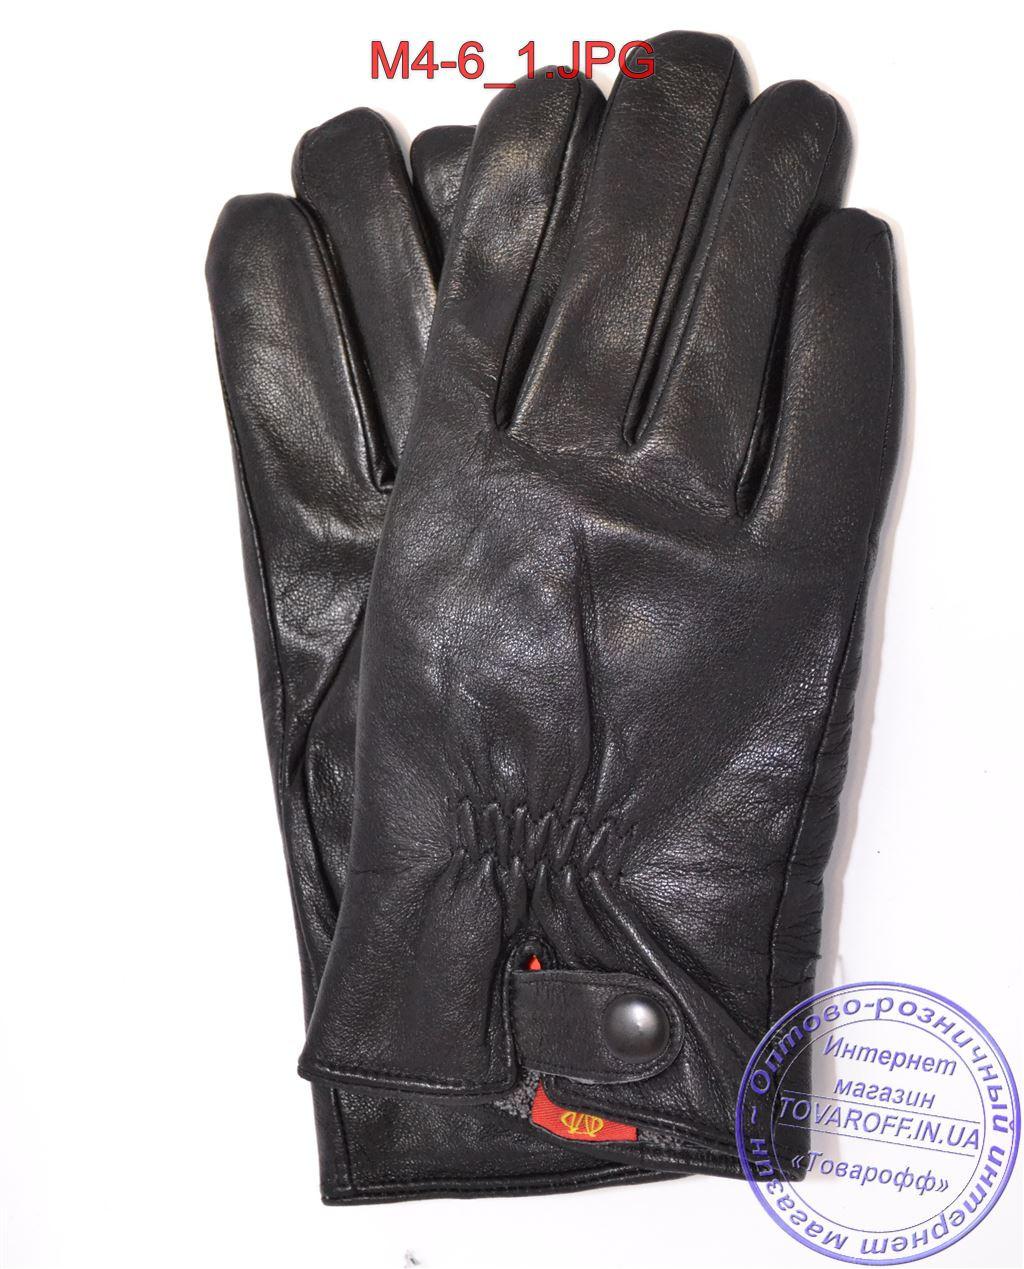 Оптом мужские кожаные перчатки с махровой подкладкой - №M4-6